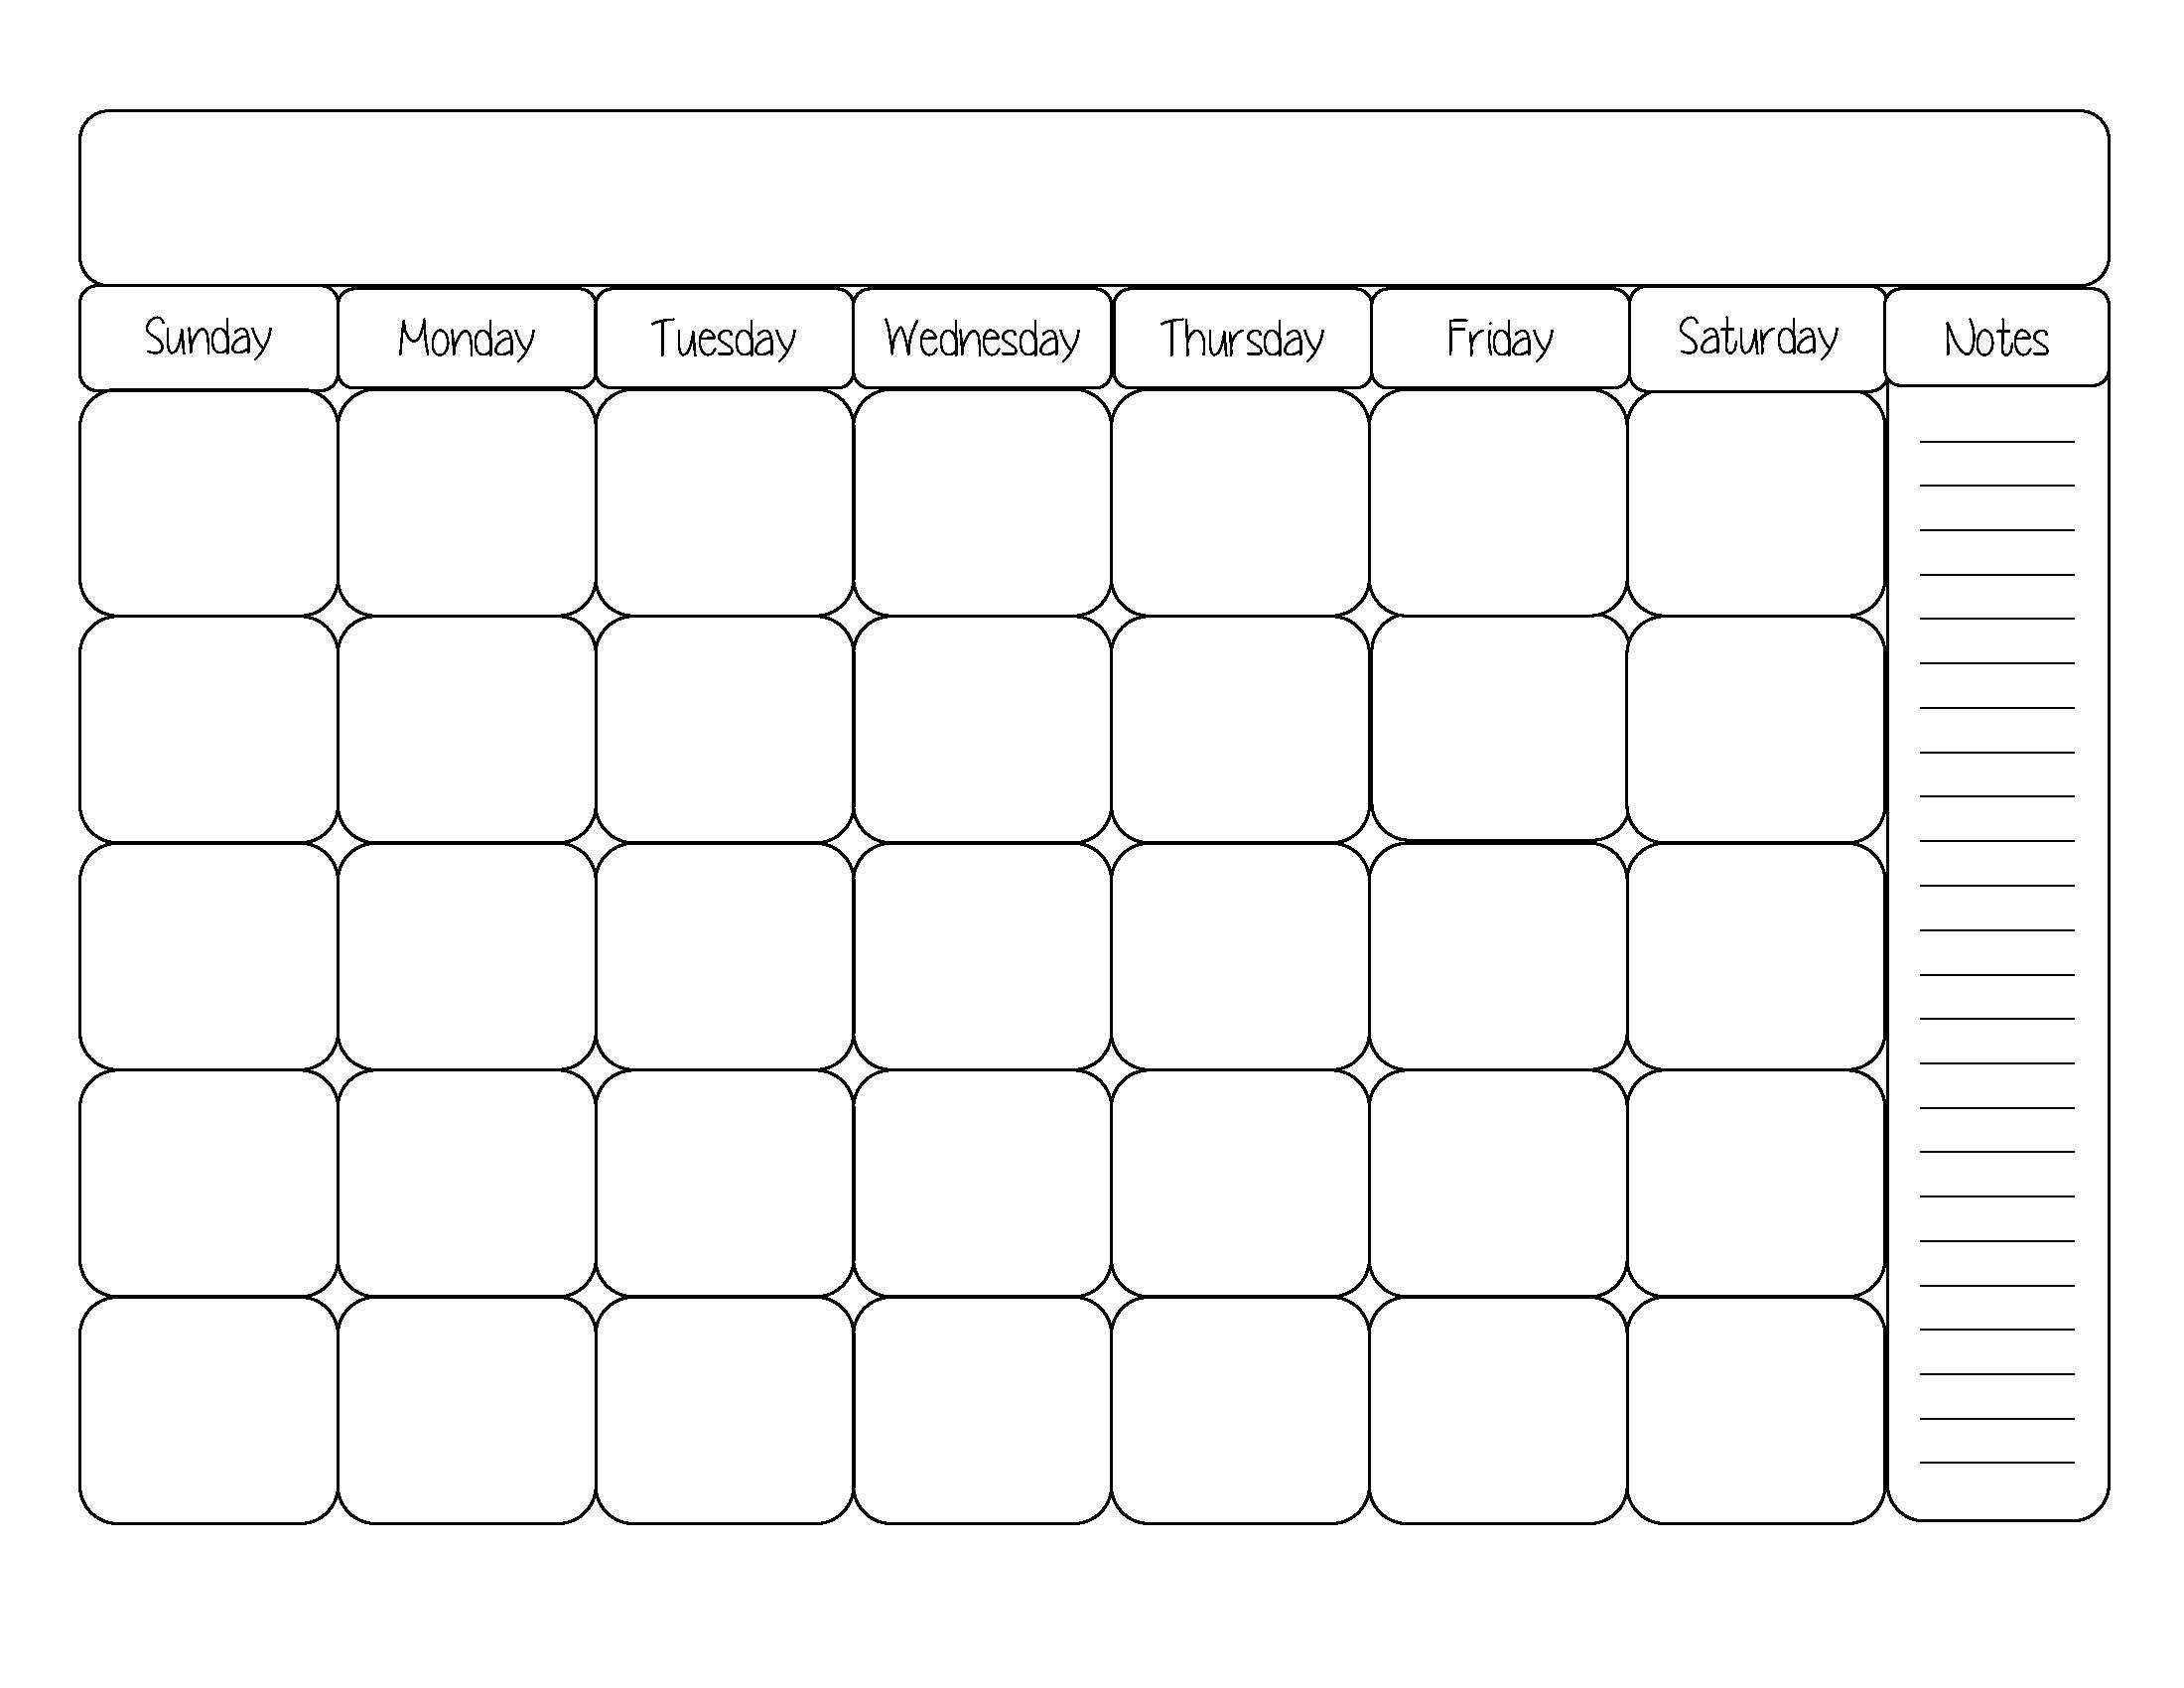 blank calendar template cute printable editable blank randomness Cute Printable Blank Calendar Weekly Schedule erdferdf